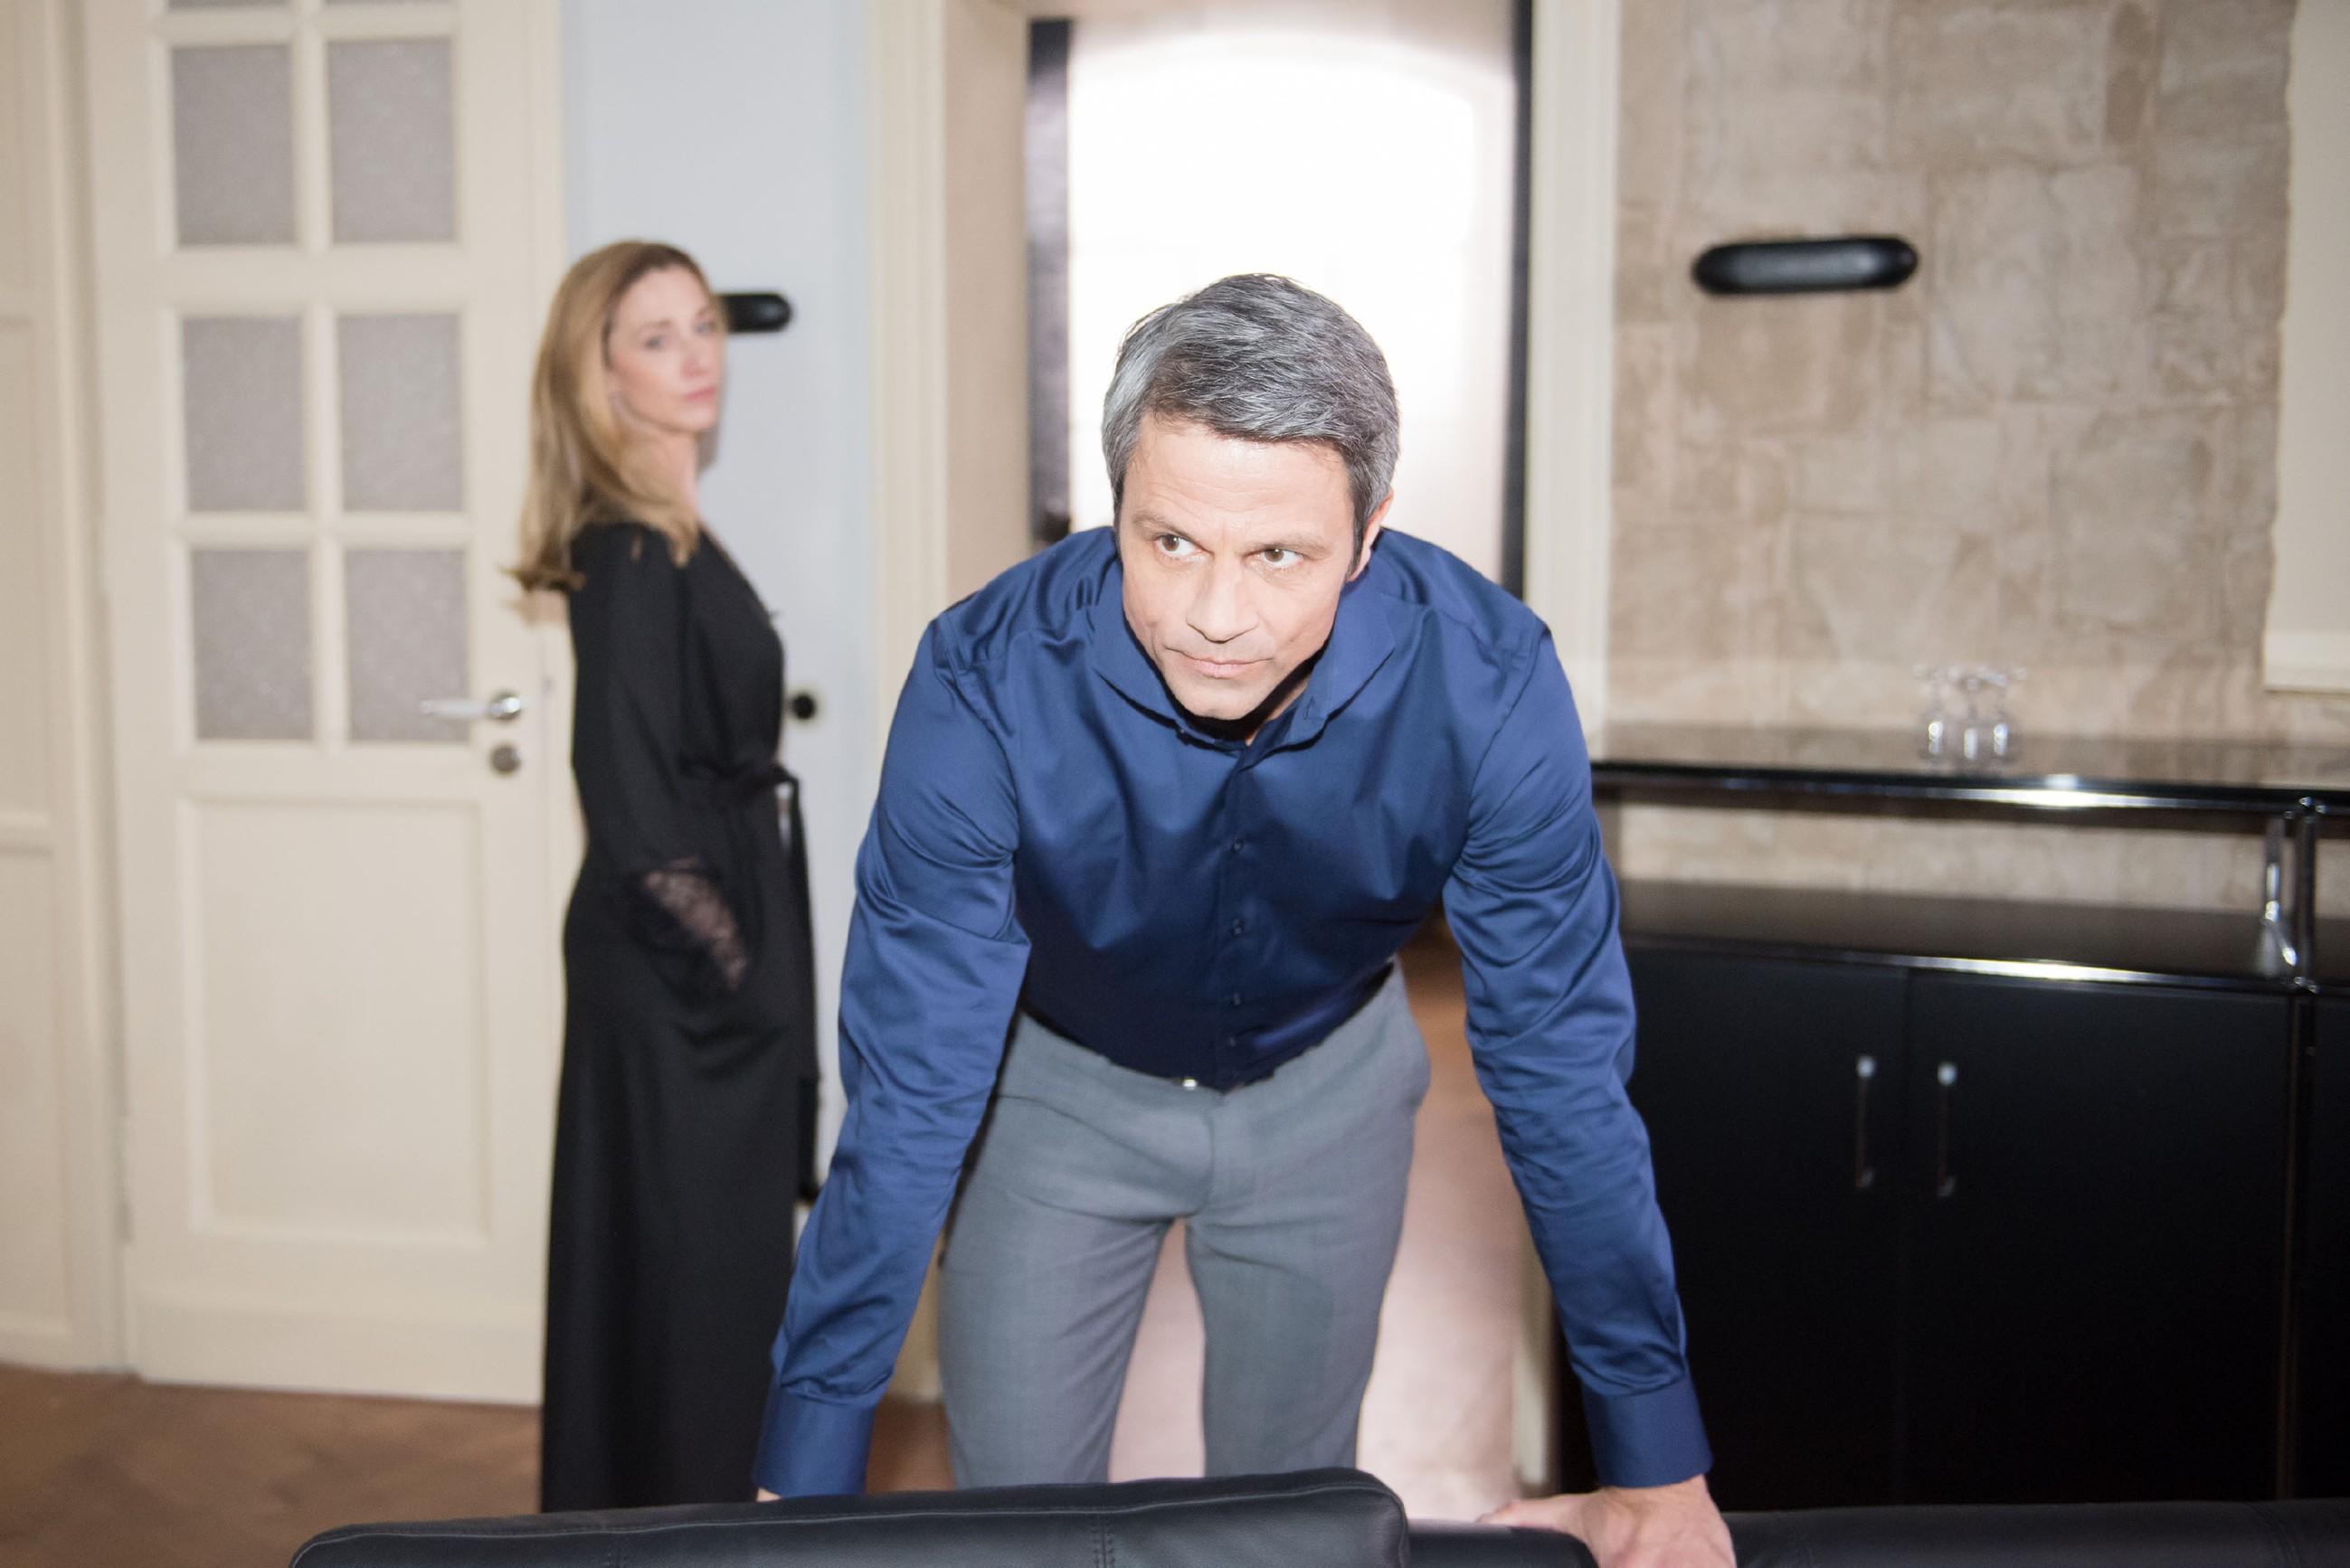 Als Benedikt (Jens Hajek) bemerkt, dass er ernsthaft Gefahr läuft, Andrea (Kristin Meyer) zu verlieren, verleitet ihn die Angst zu einem für ihn außergewöhnlichen emotionalen Geständnis... (Quelle: RTL / Stefan Behrens)